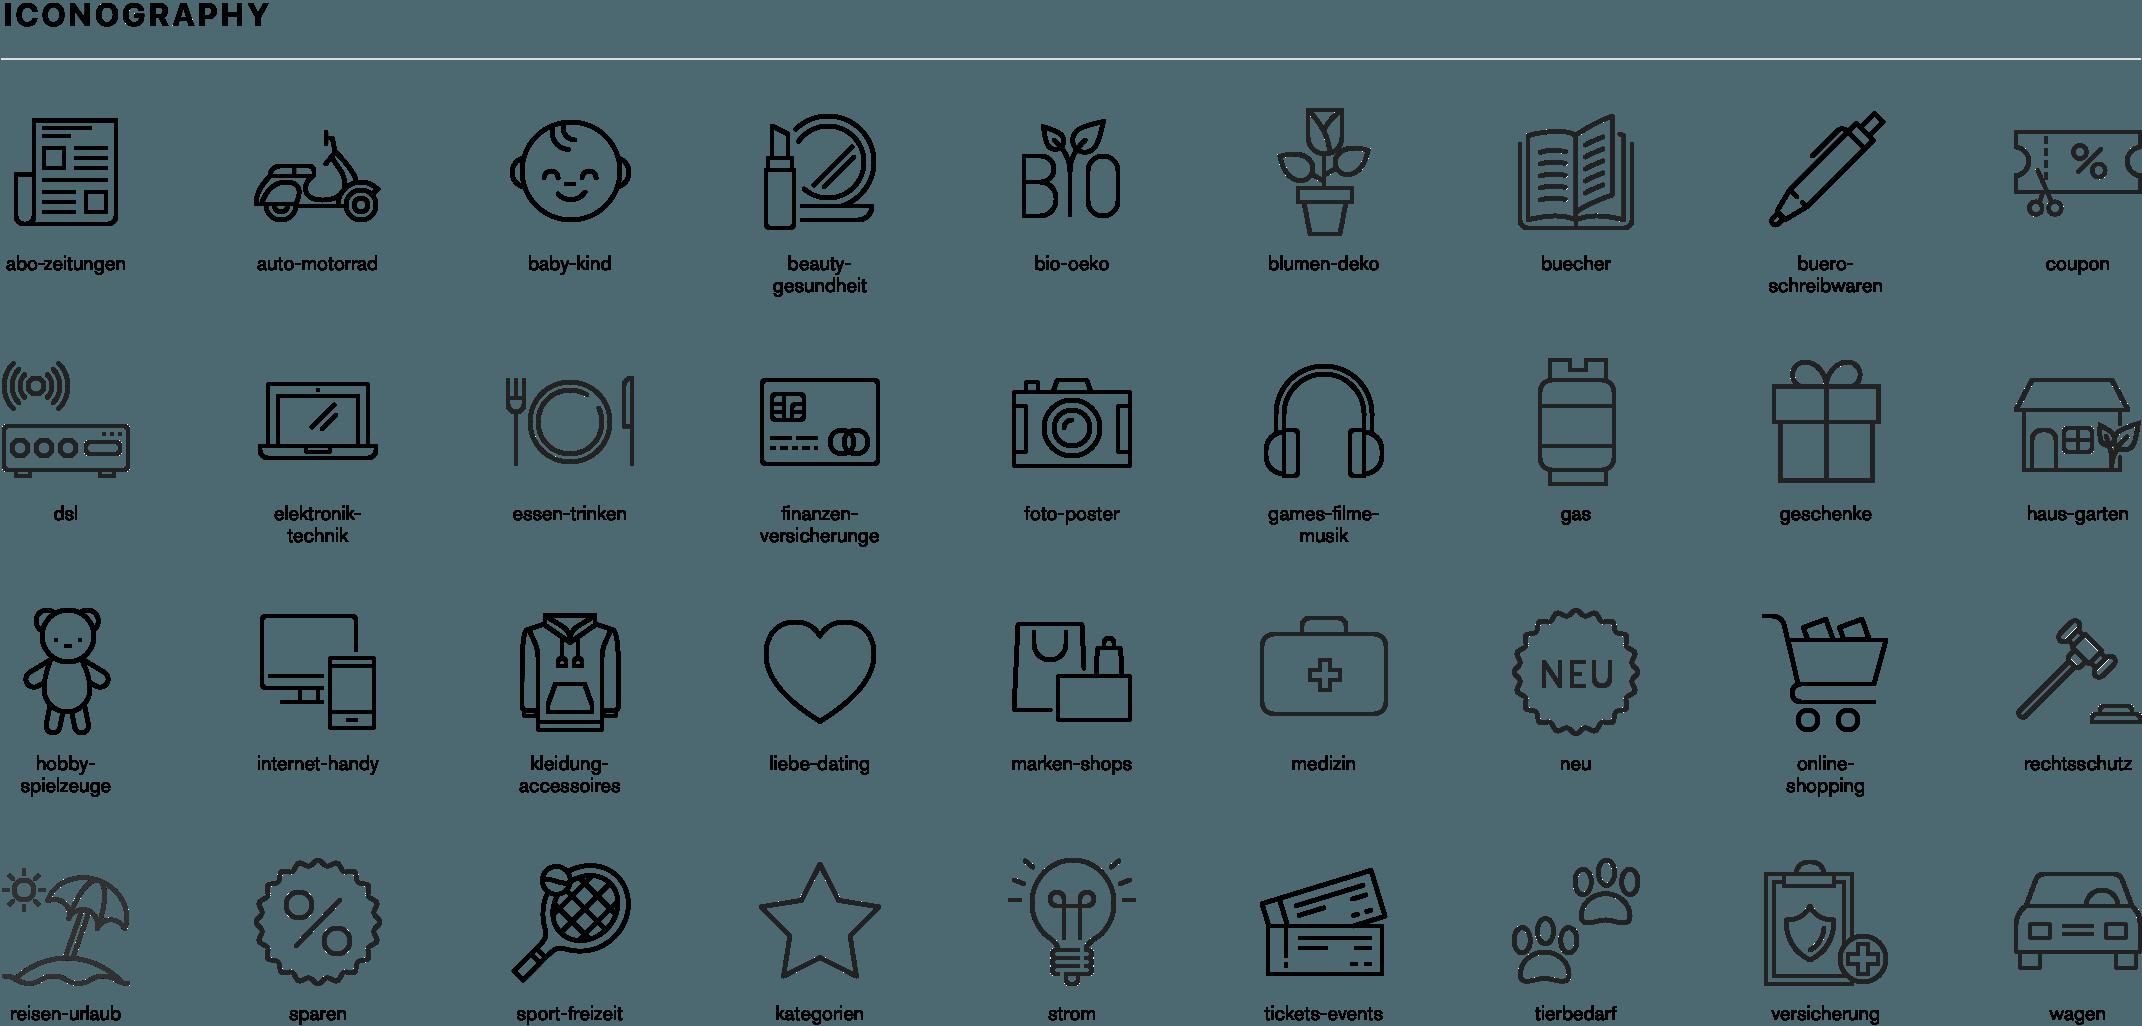 design-system-iconography-design-gutscheinpony